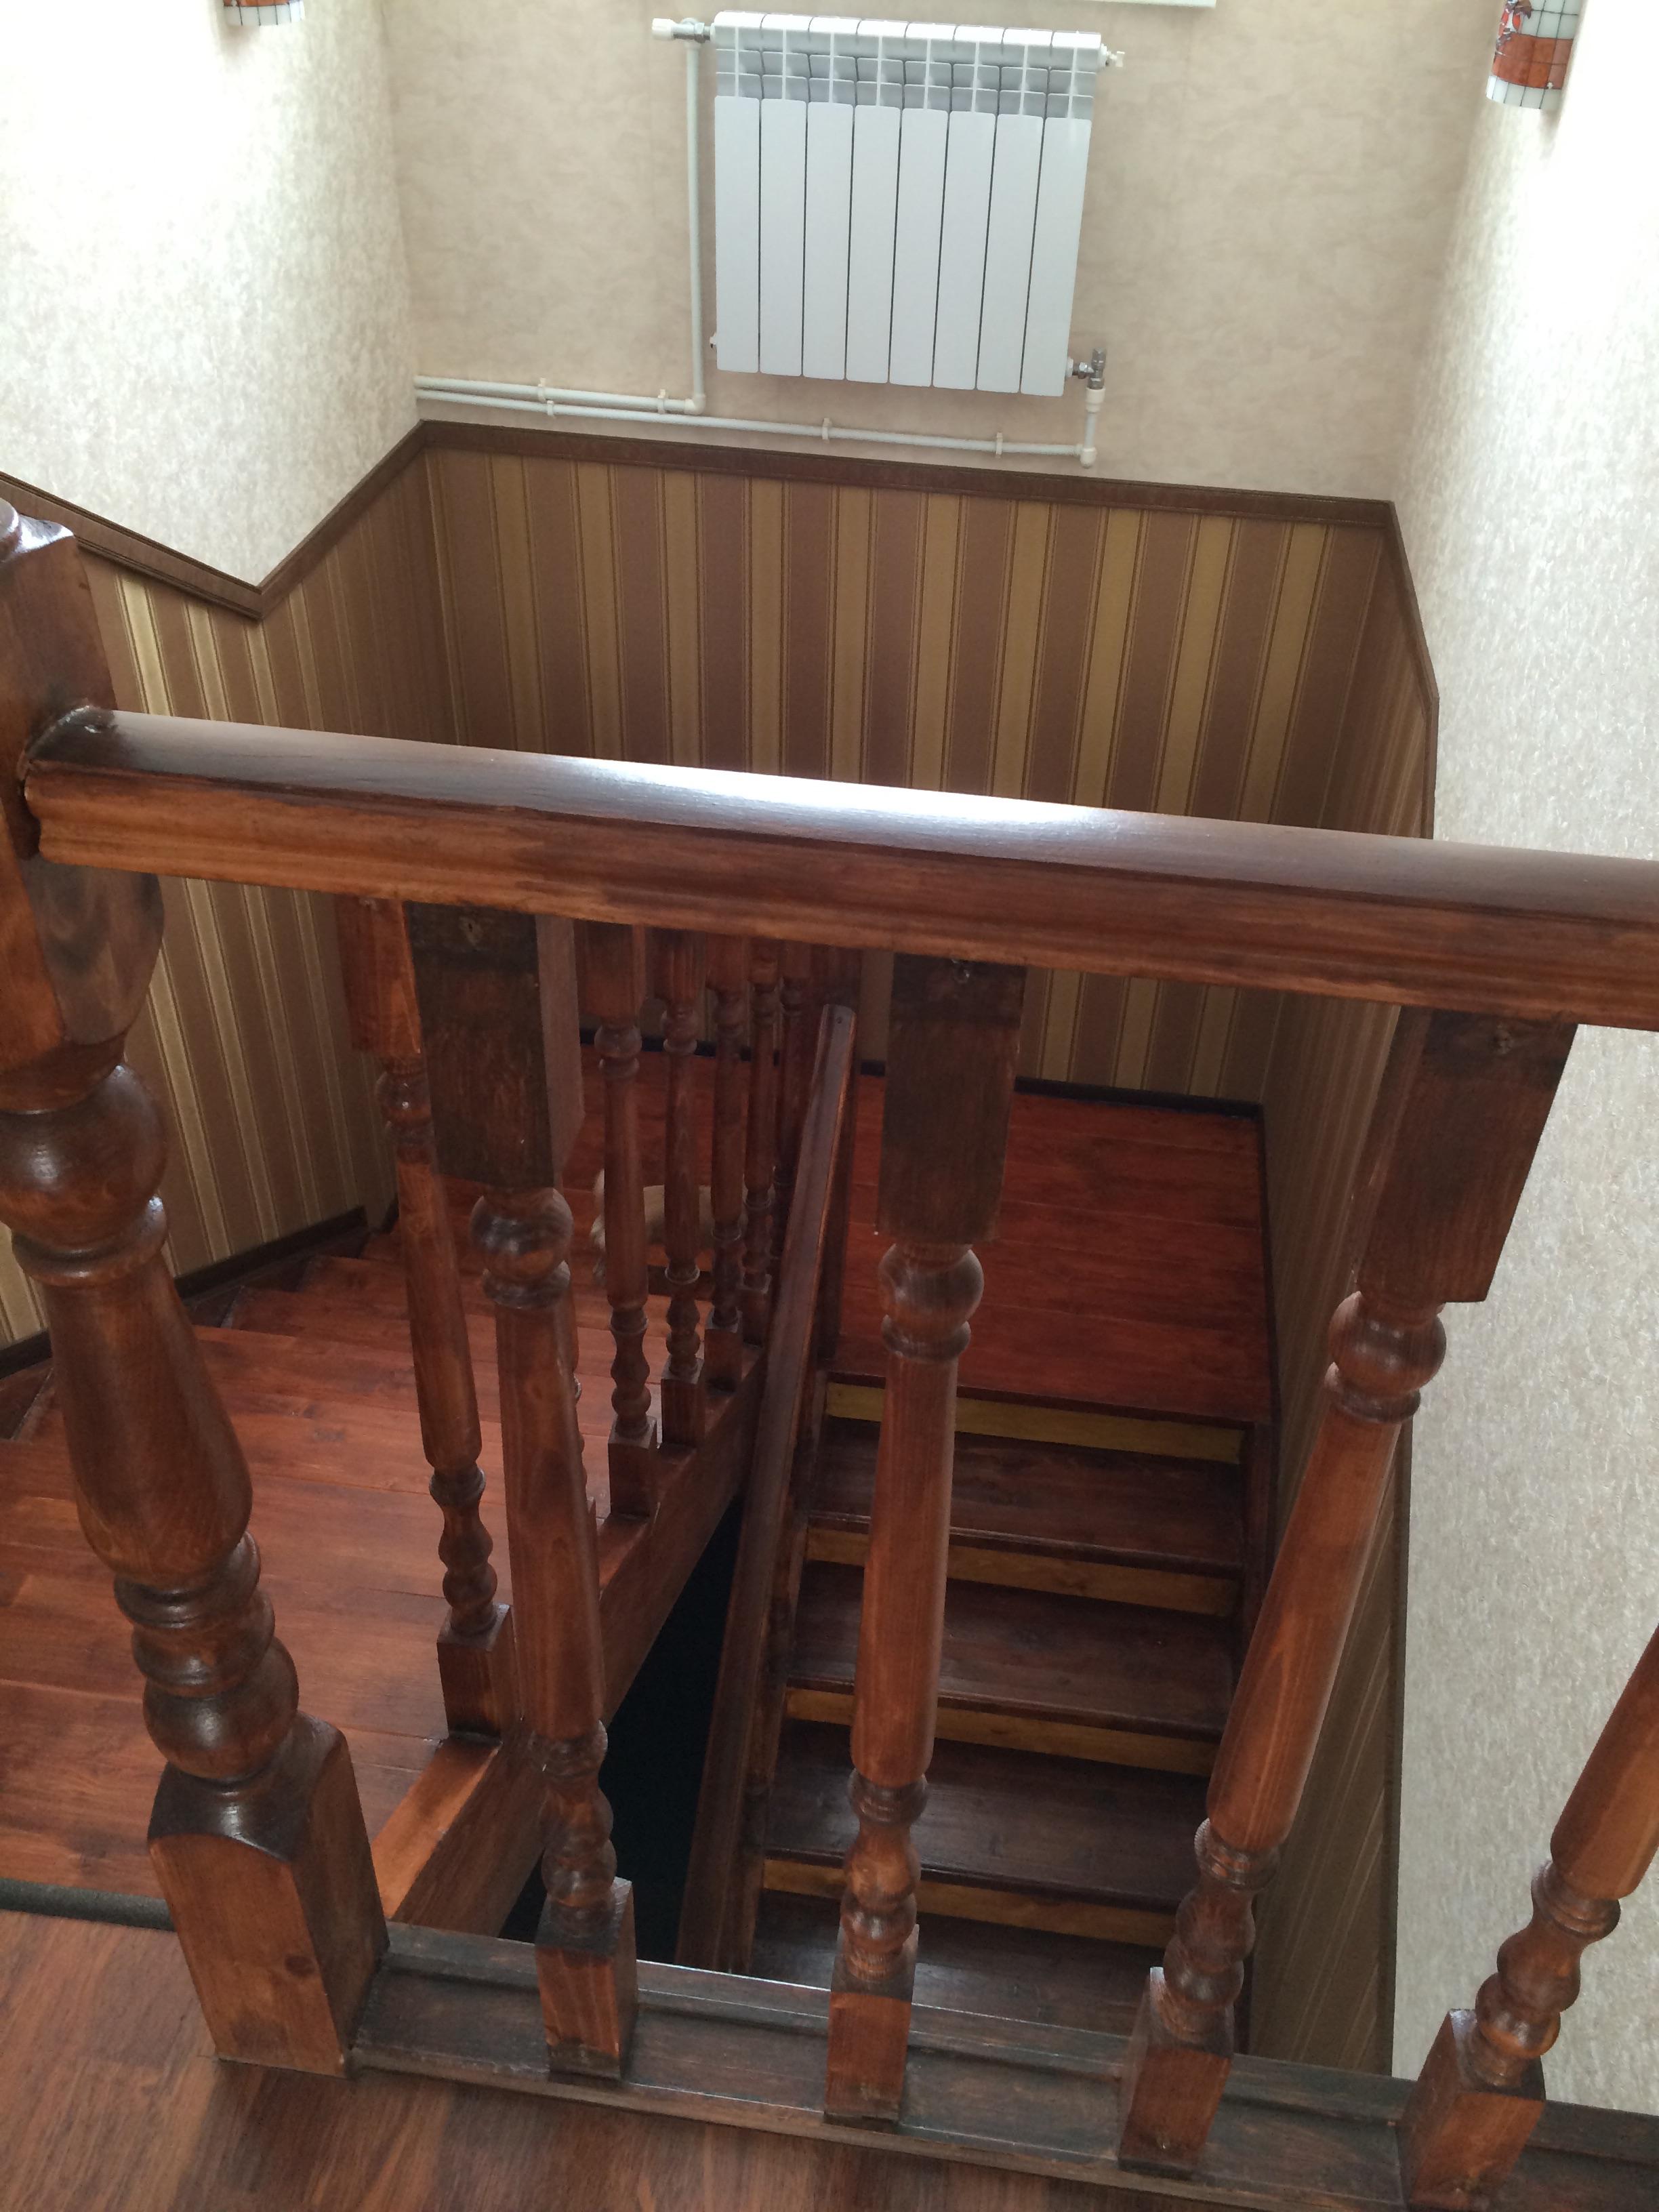 самодельная лестница в двухэтажном доме